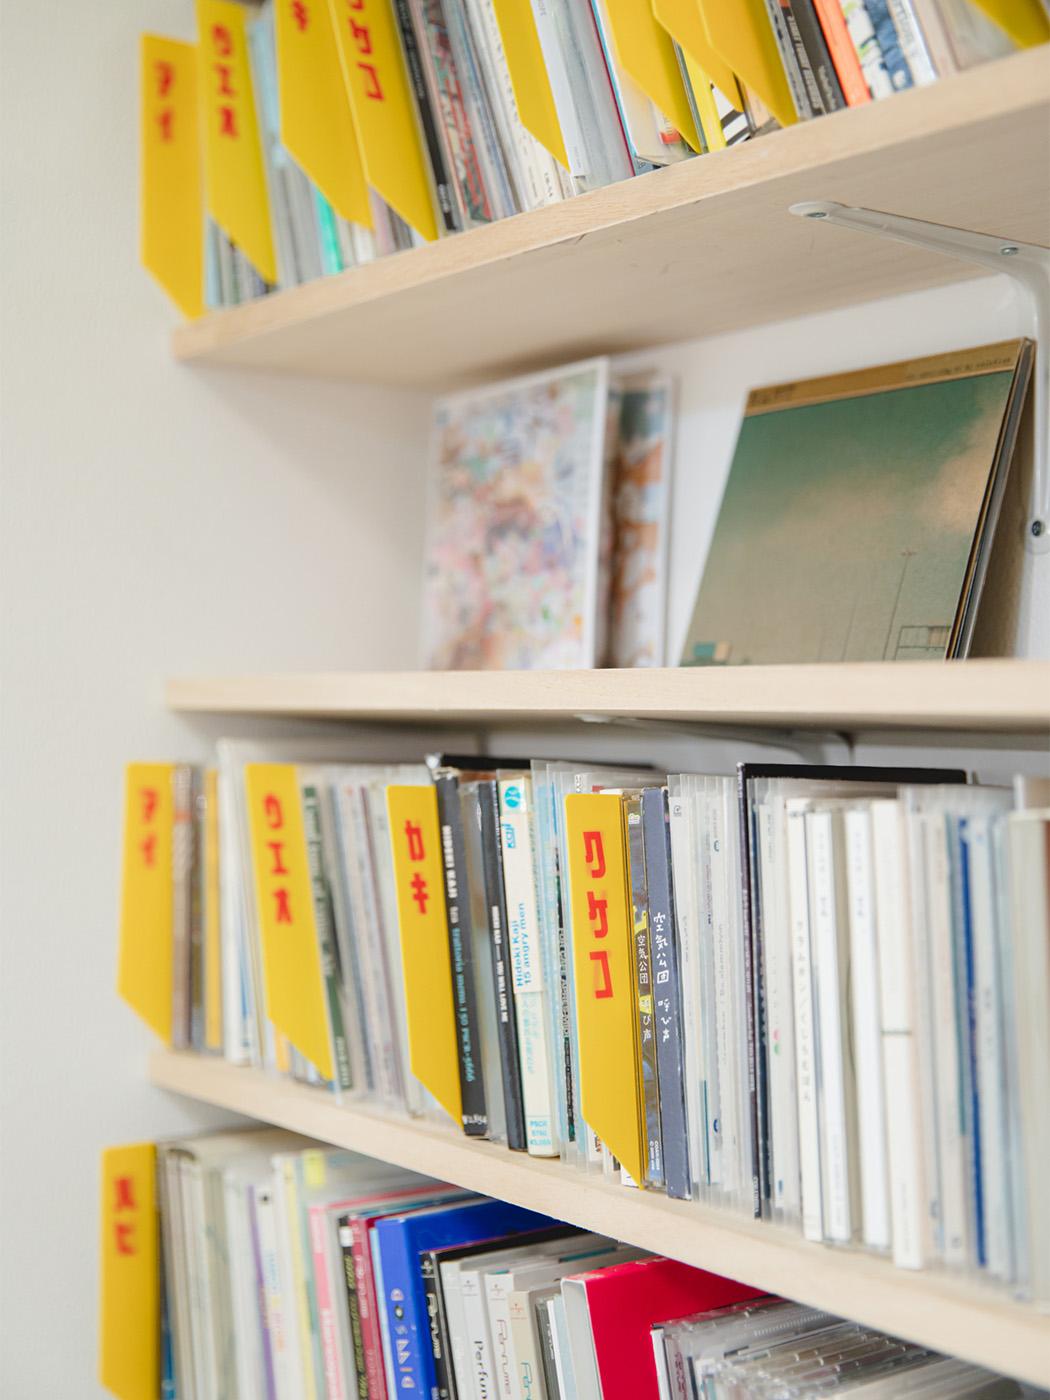 CDショップさながらの収納方法。